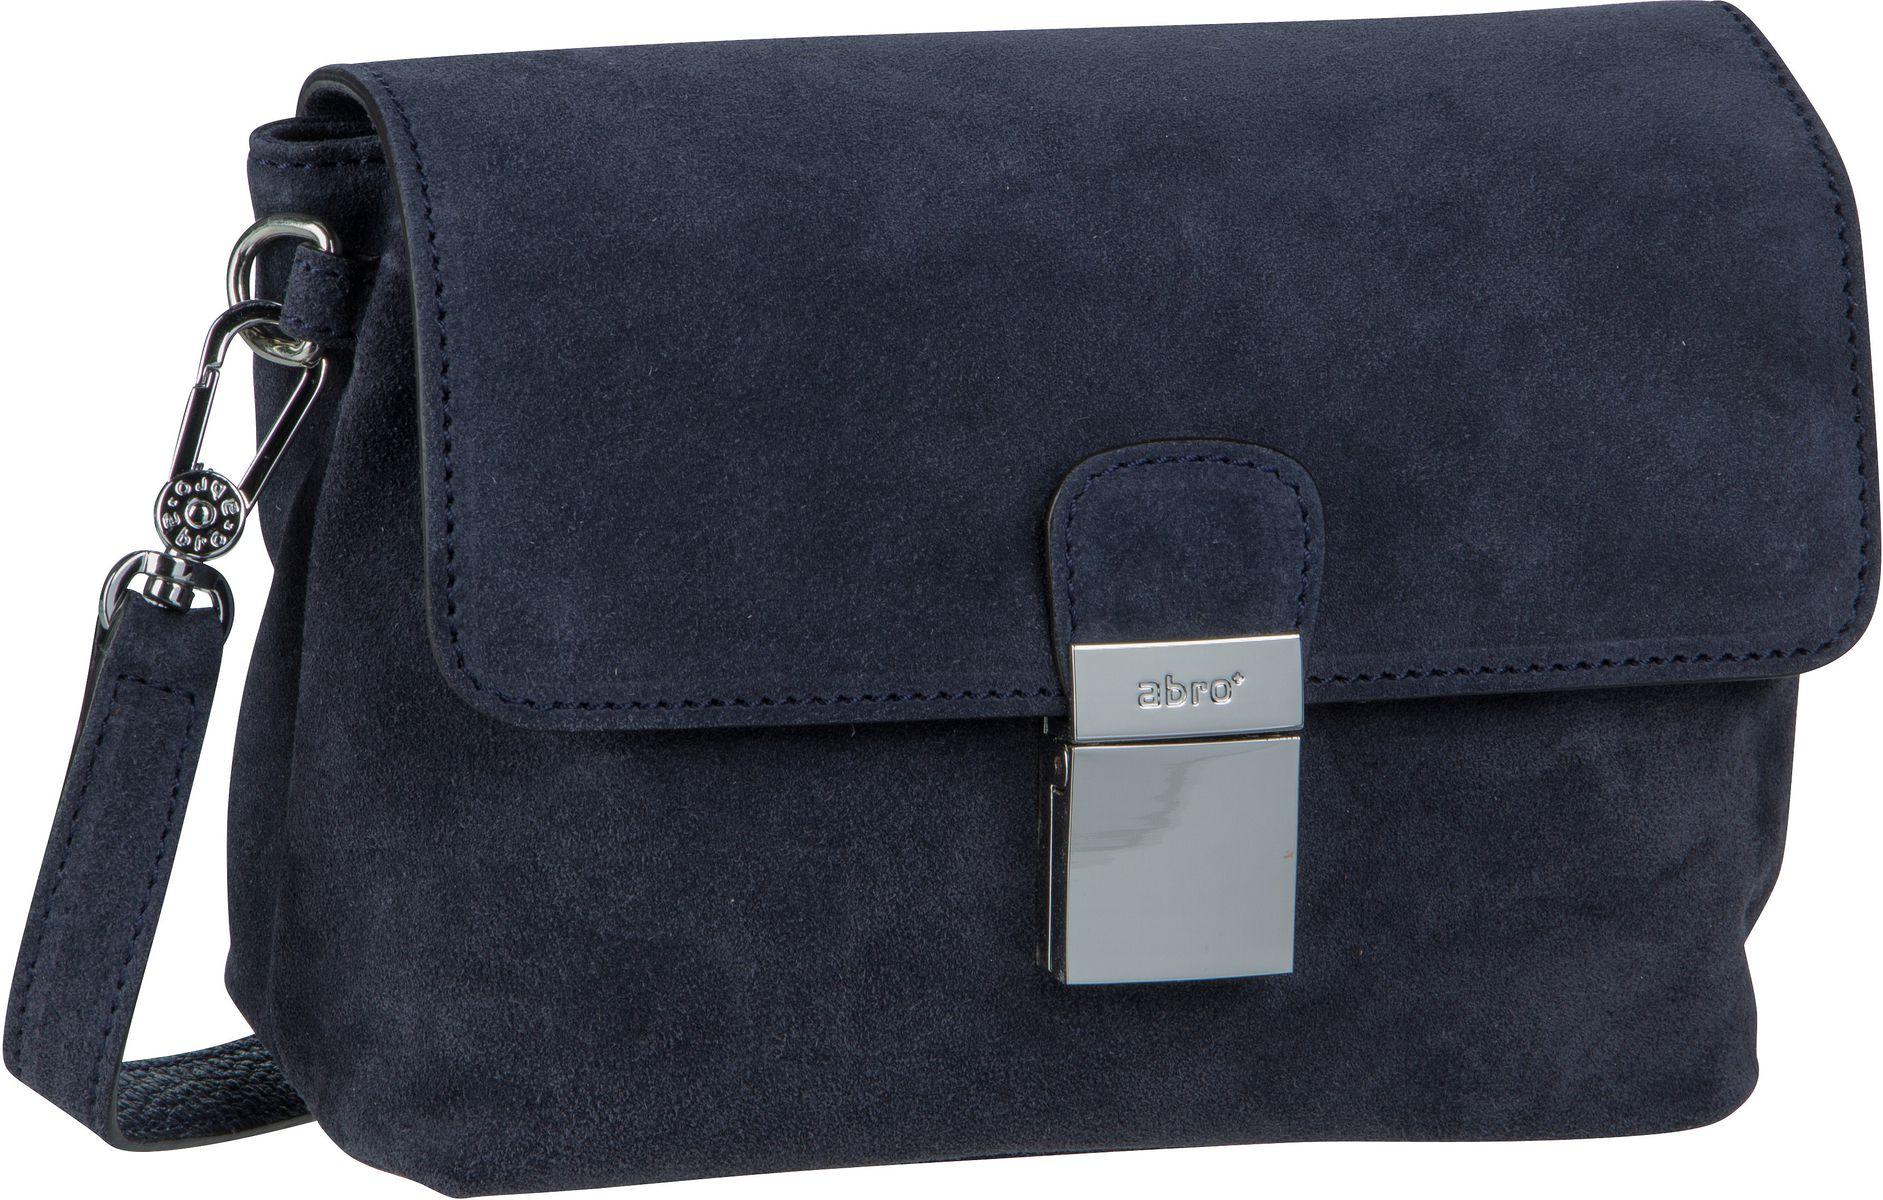 Handtasche Suede 28736 Navy